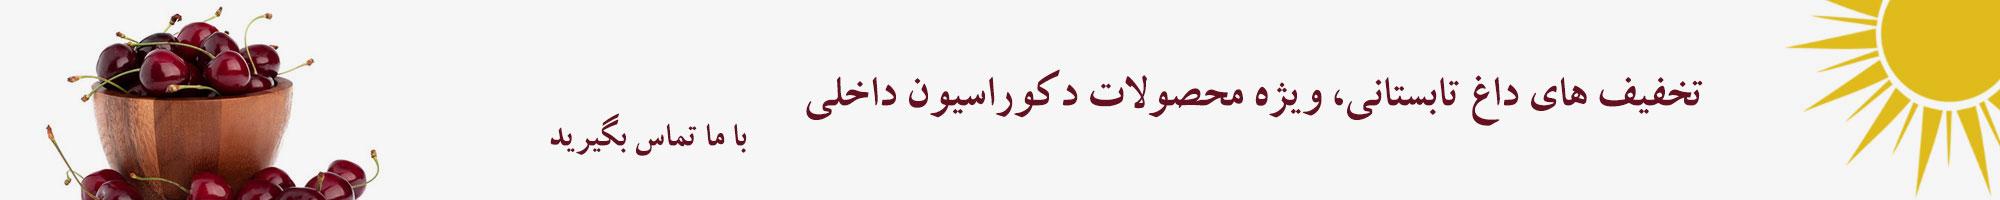 فروشگاه اینترنتی دکوراسیون و صنایع دستی سیمین ساز